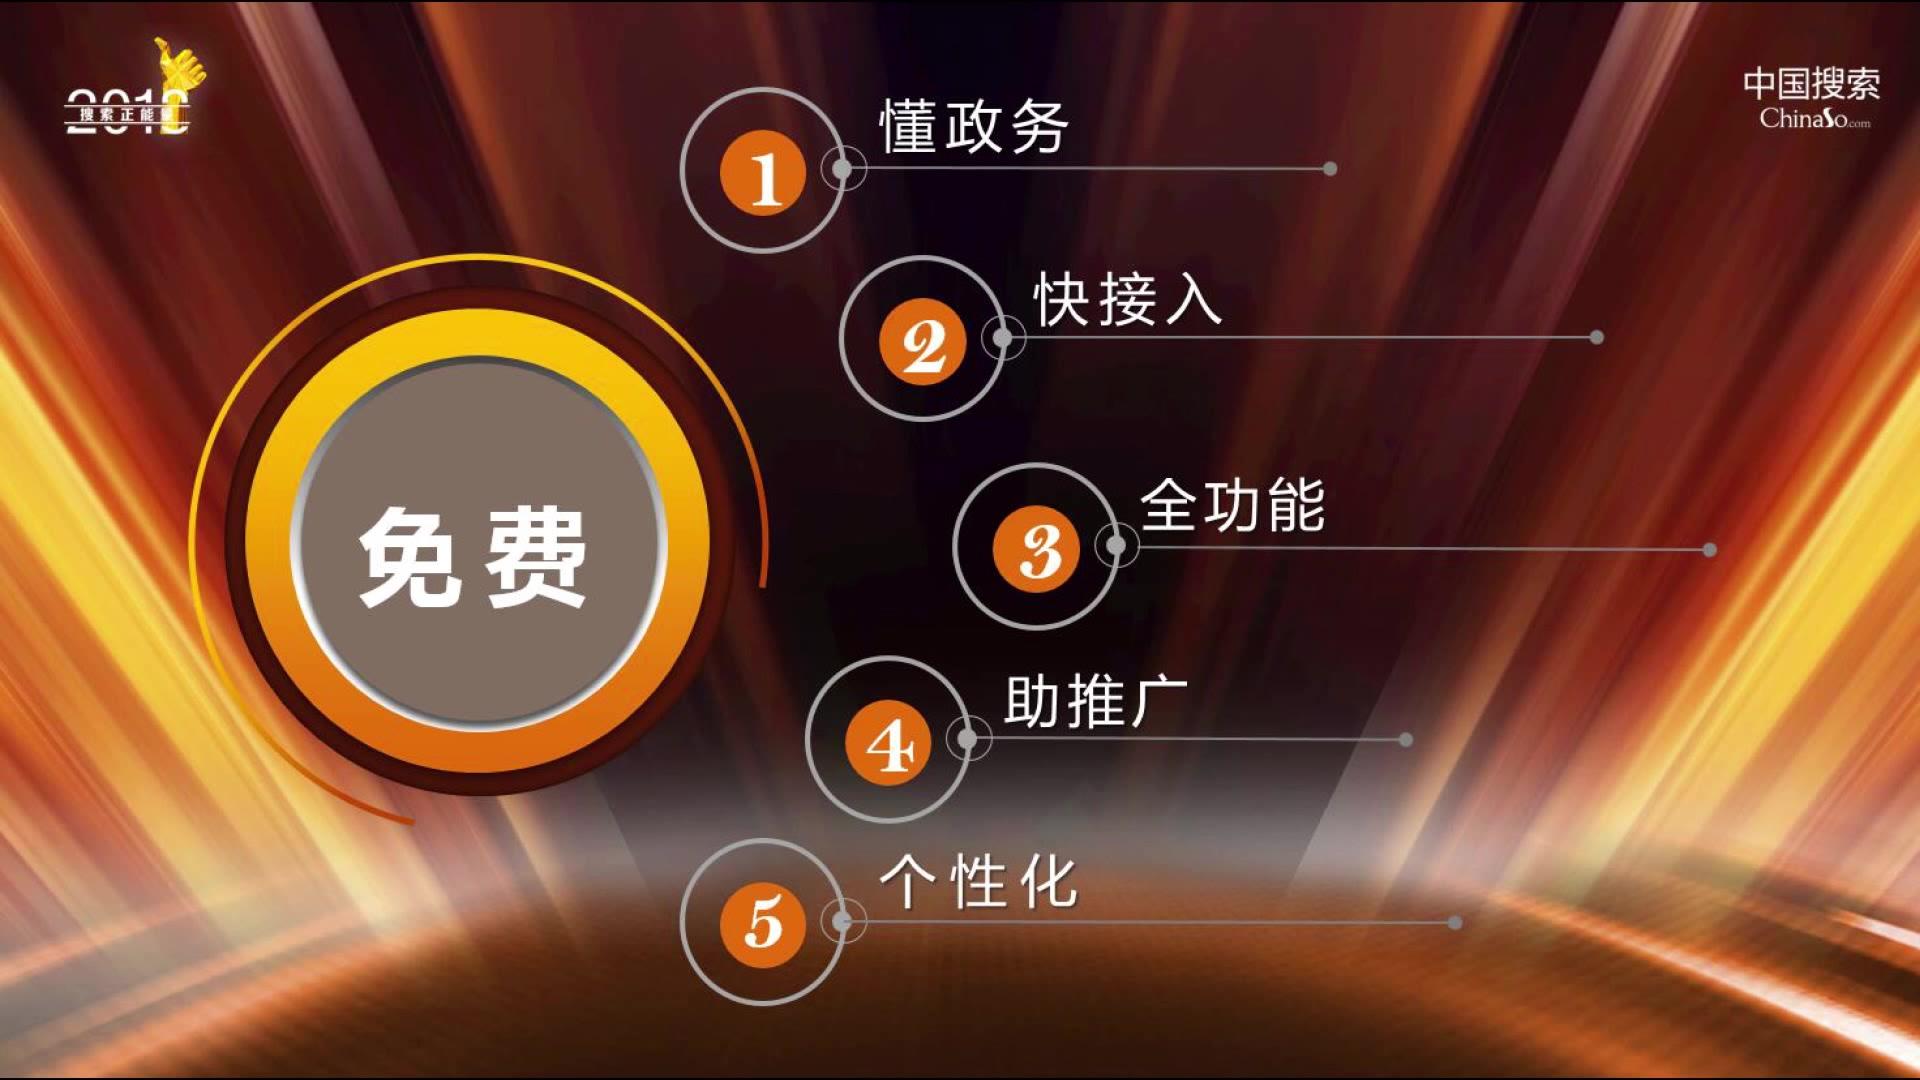 """中国搜索""""政务搜索服务平台""""来了!"""